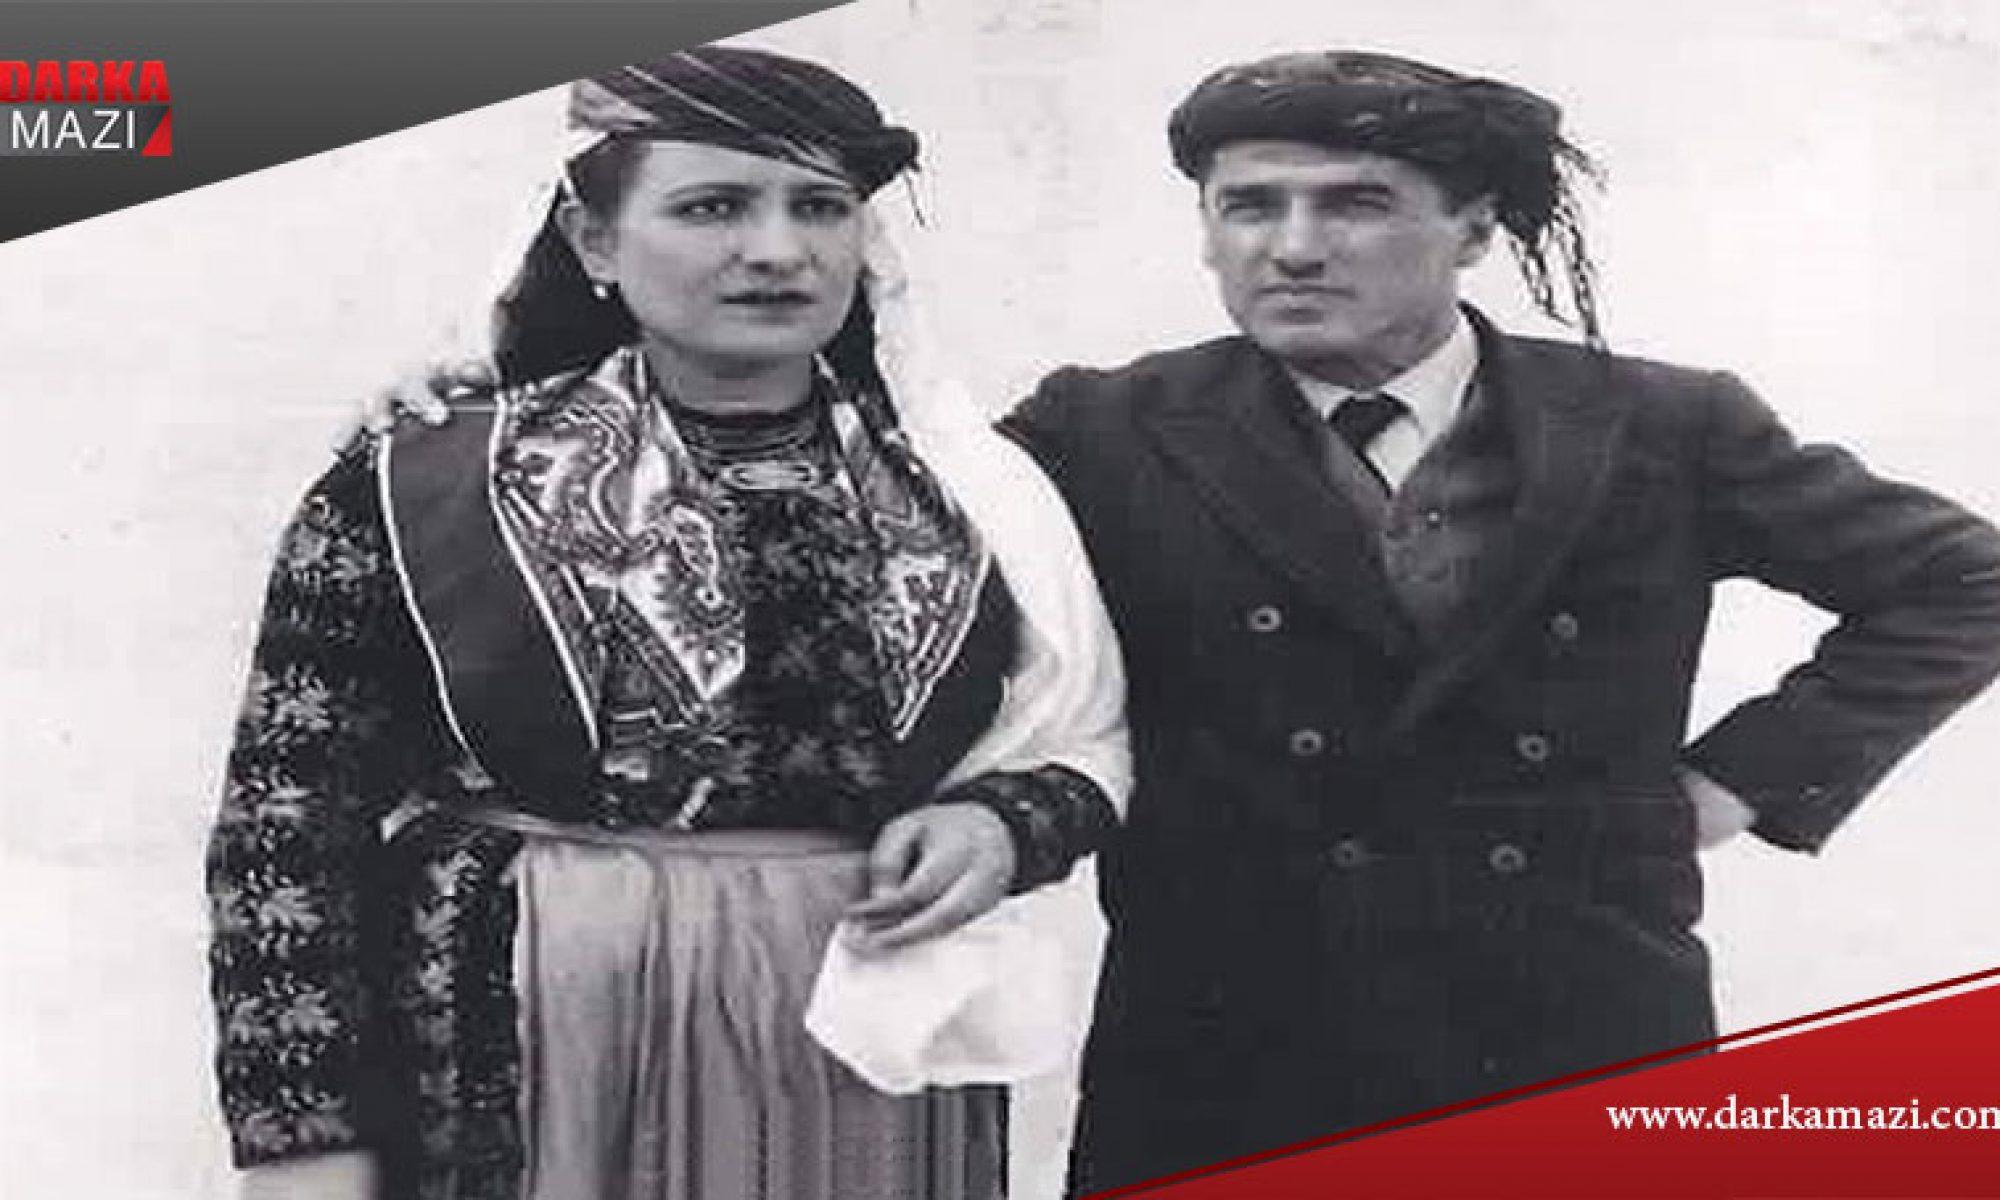 Dr. Nuri Dersimi'nin hayata gözlerini yumuşunun 47'inci yıl dönümü